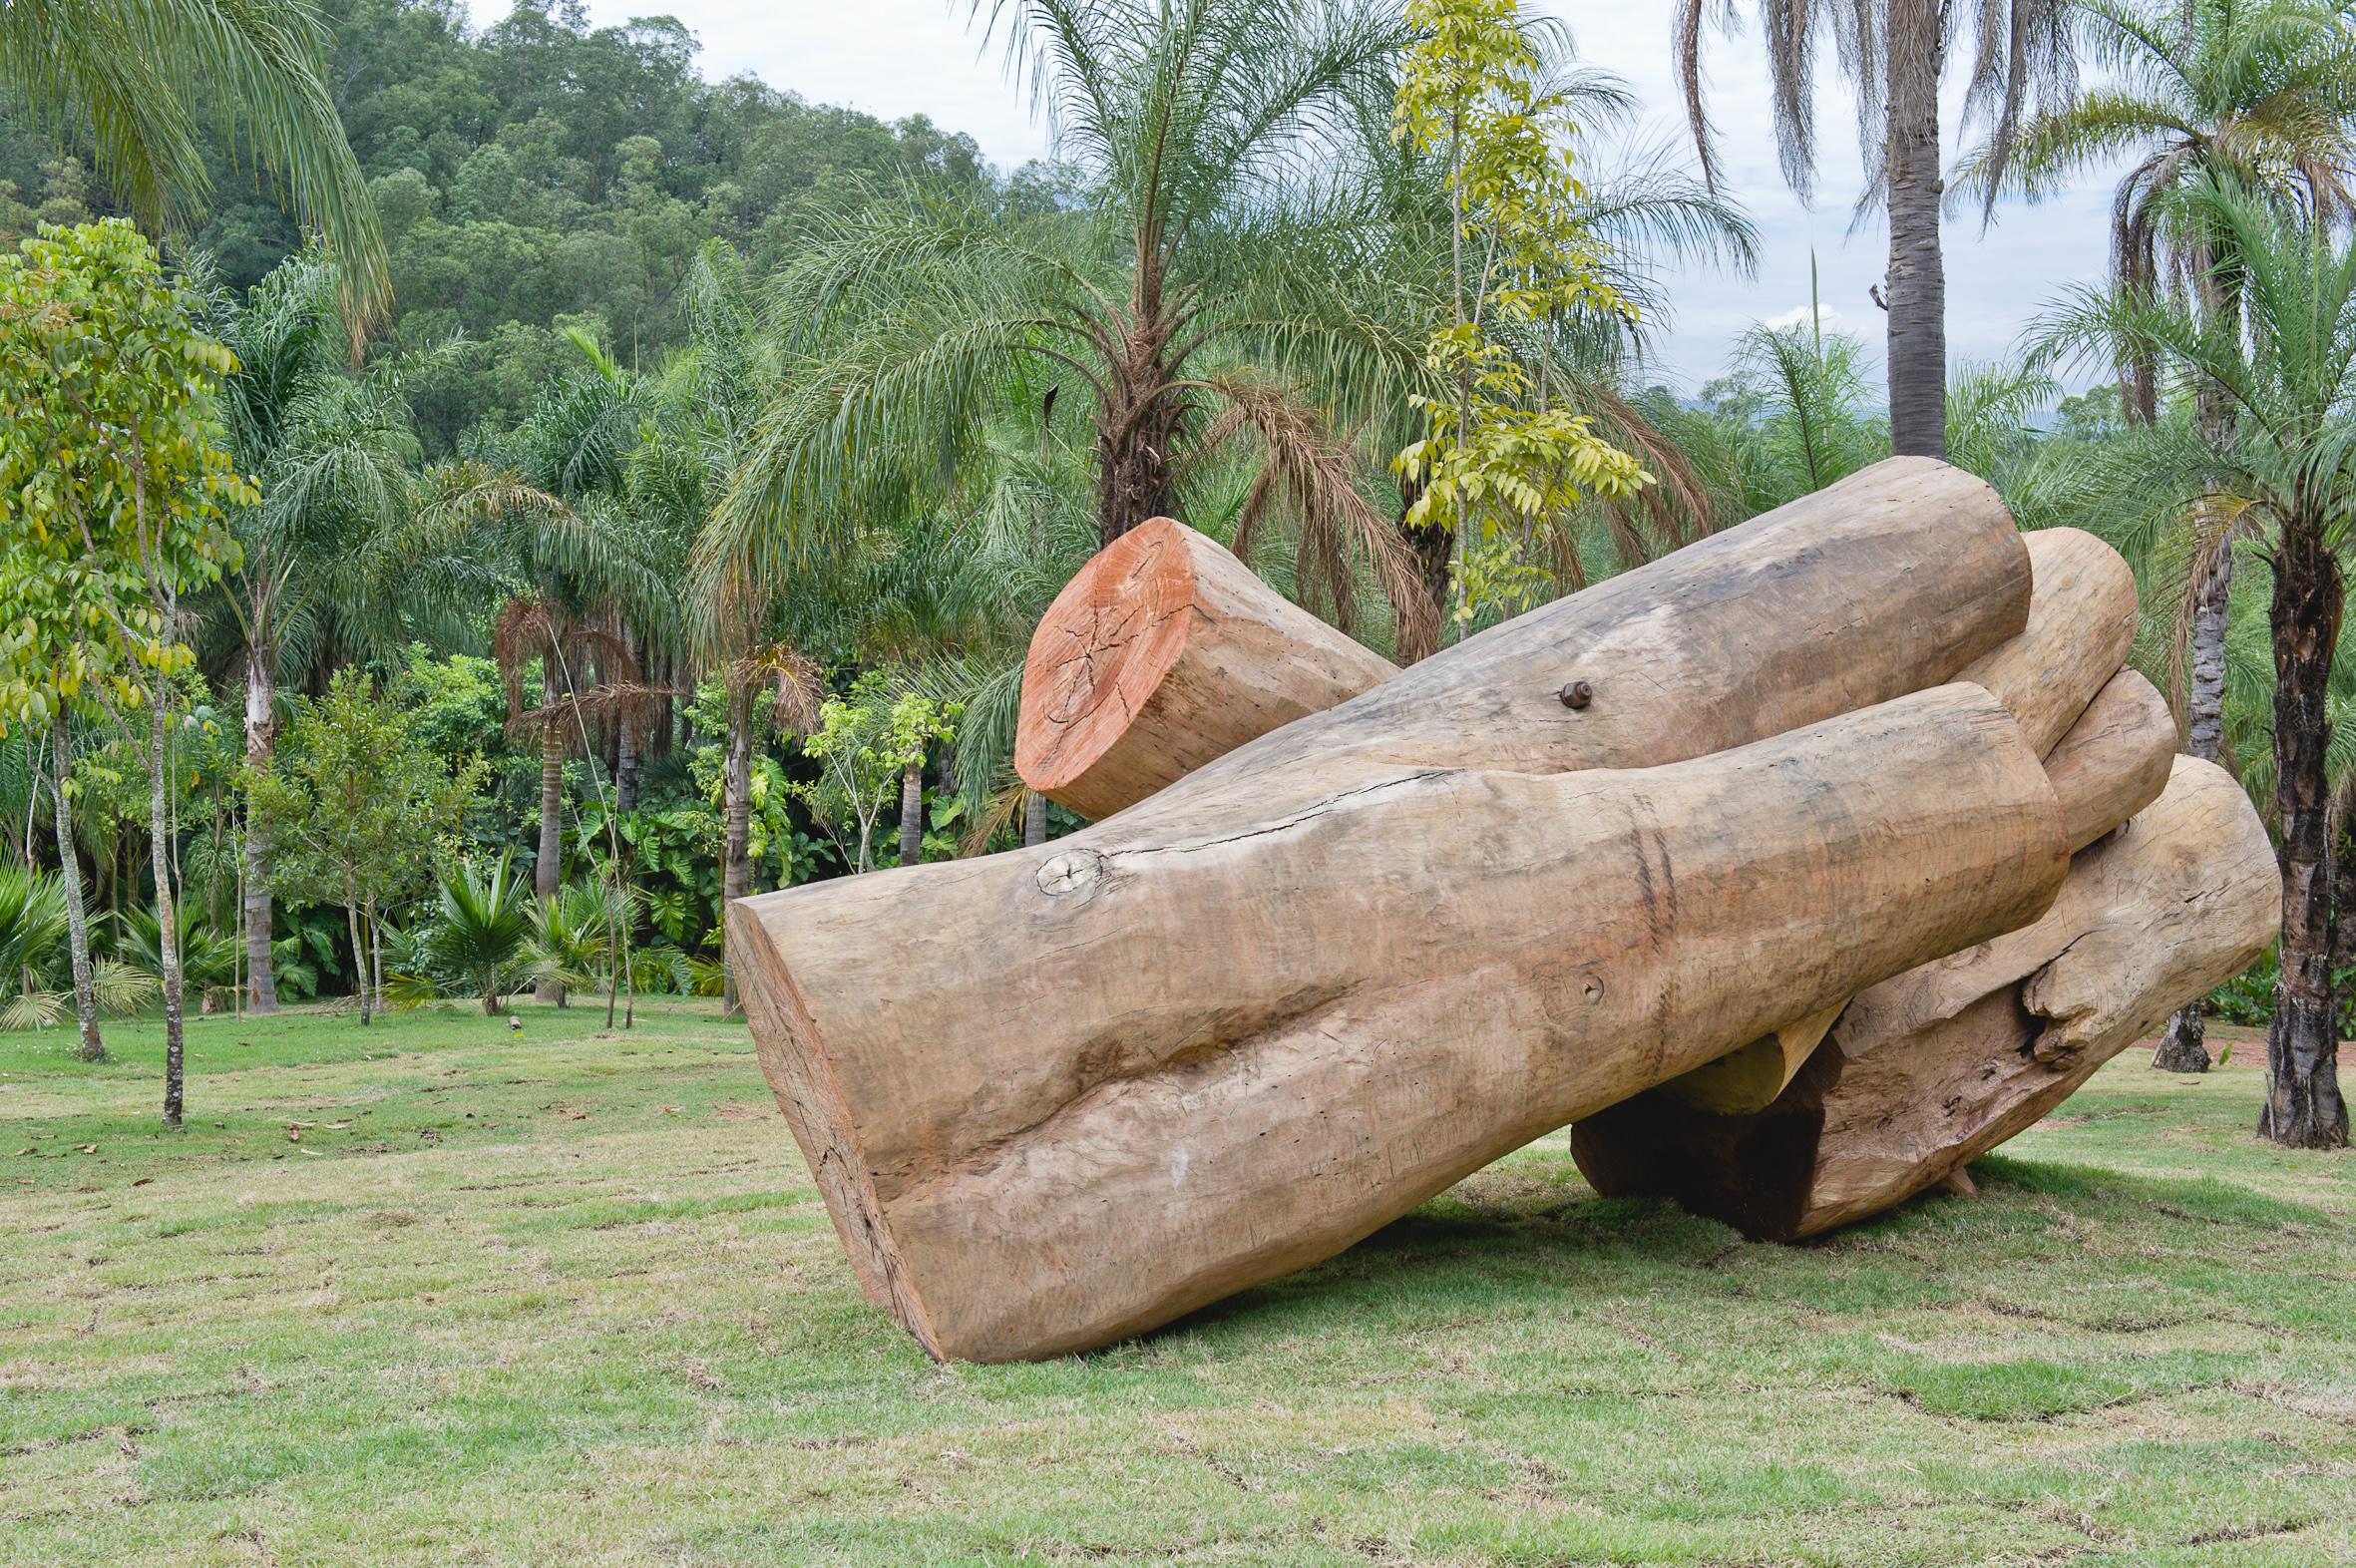 Imagem: Blog Inhotim / Redação Inhotim